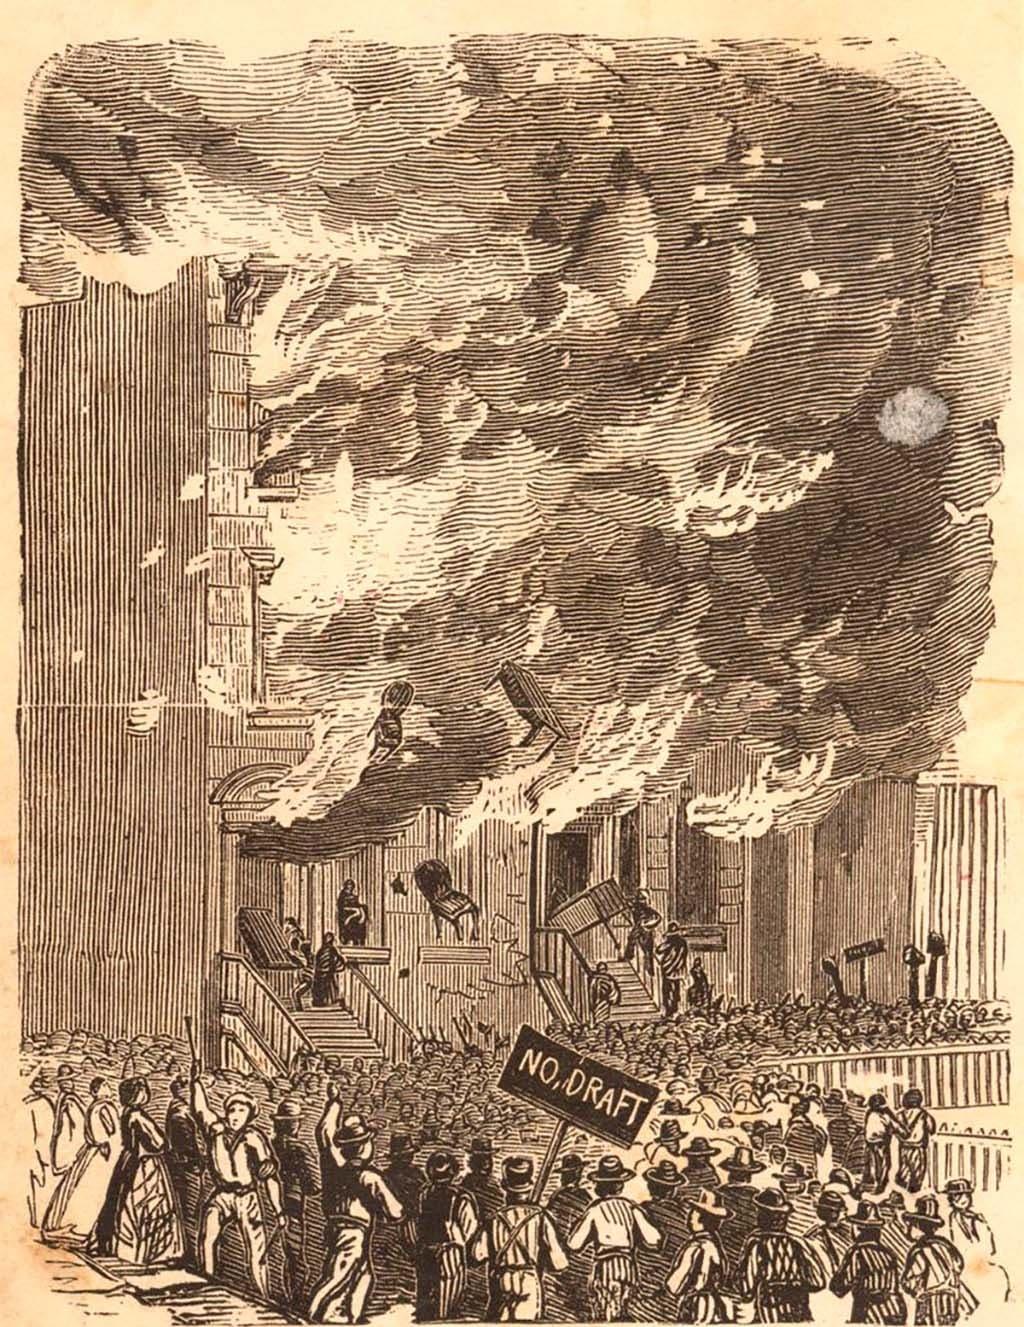 رسم يجسد جانبا من أعمال العنف بنيويورك